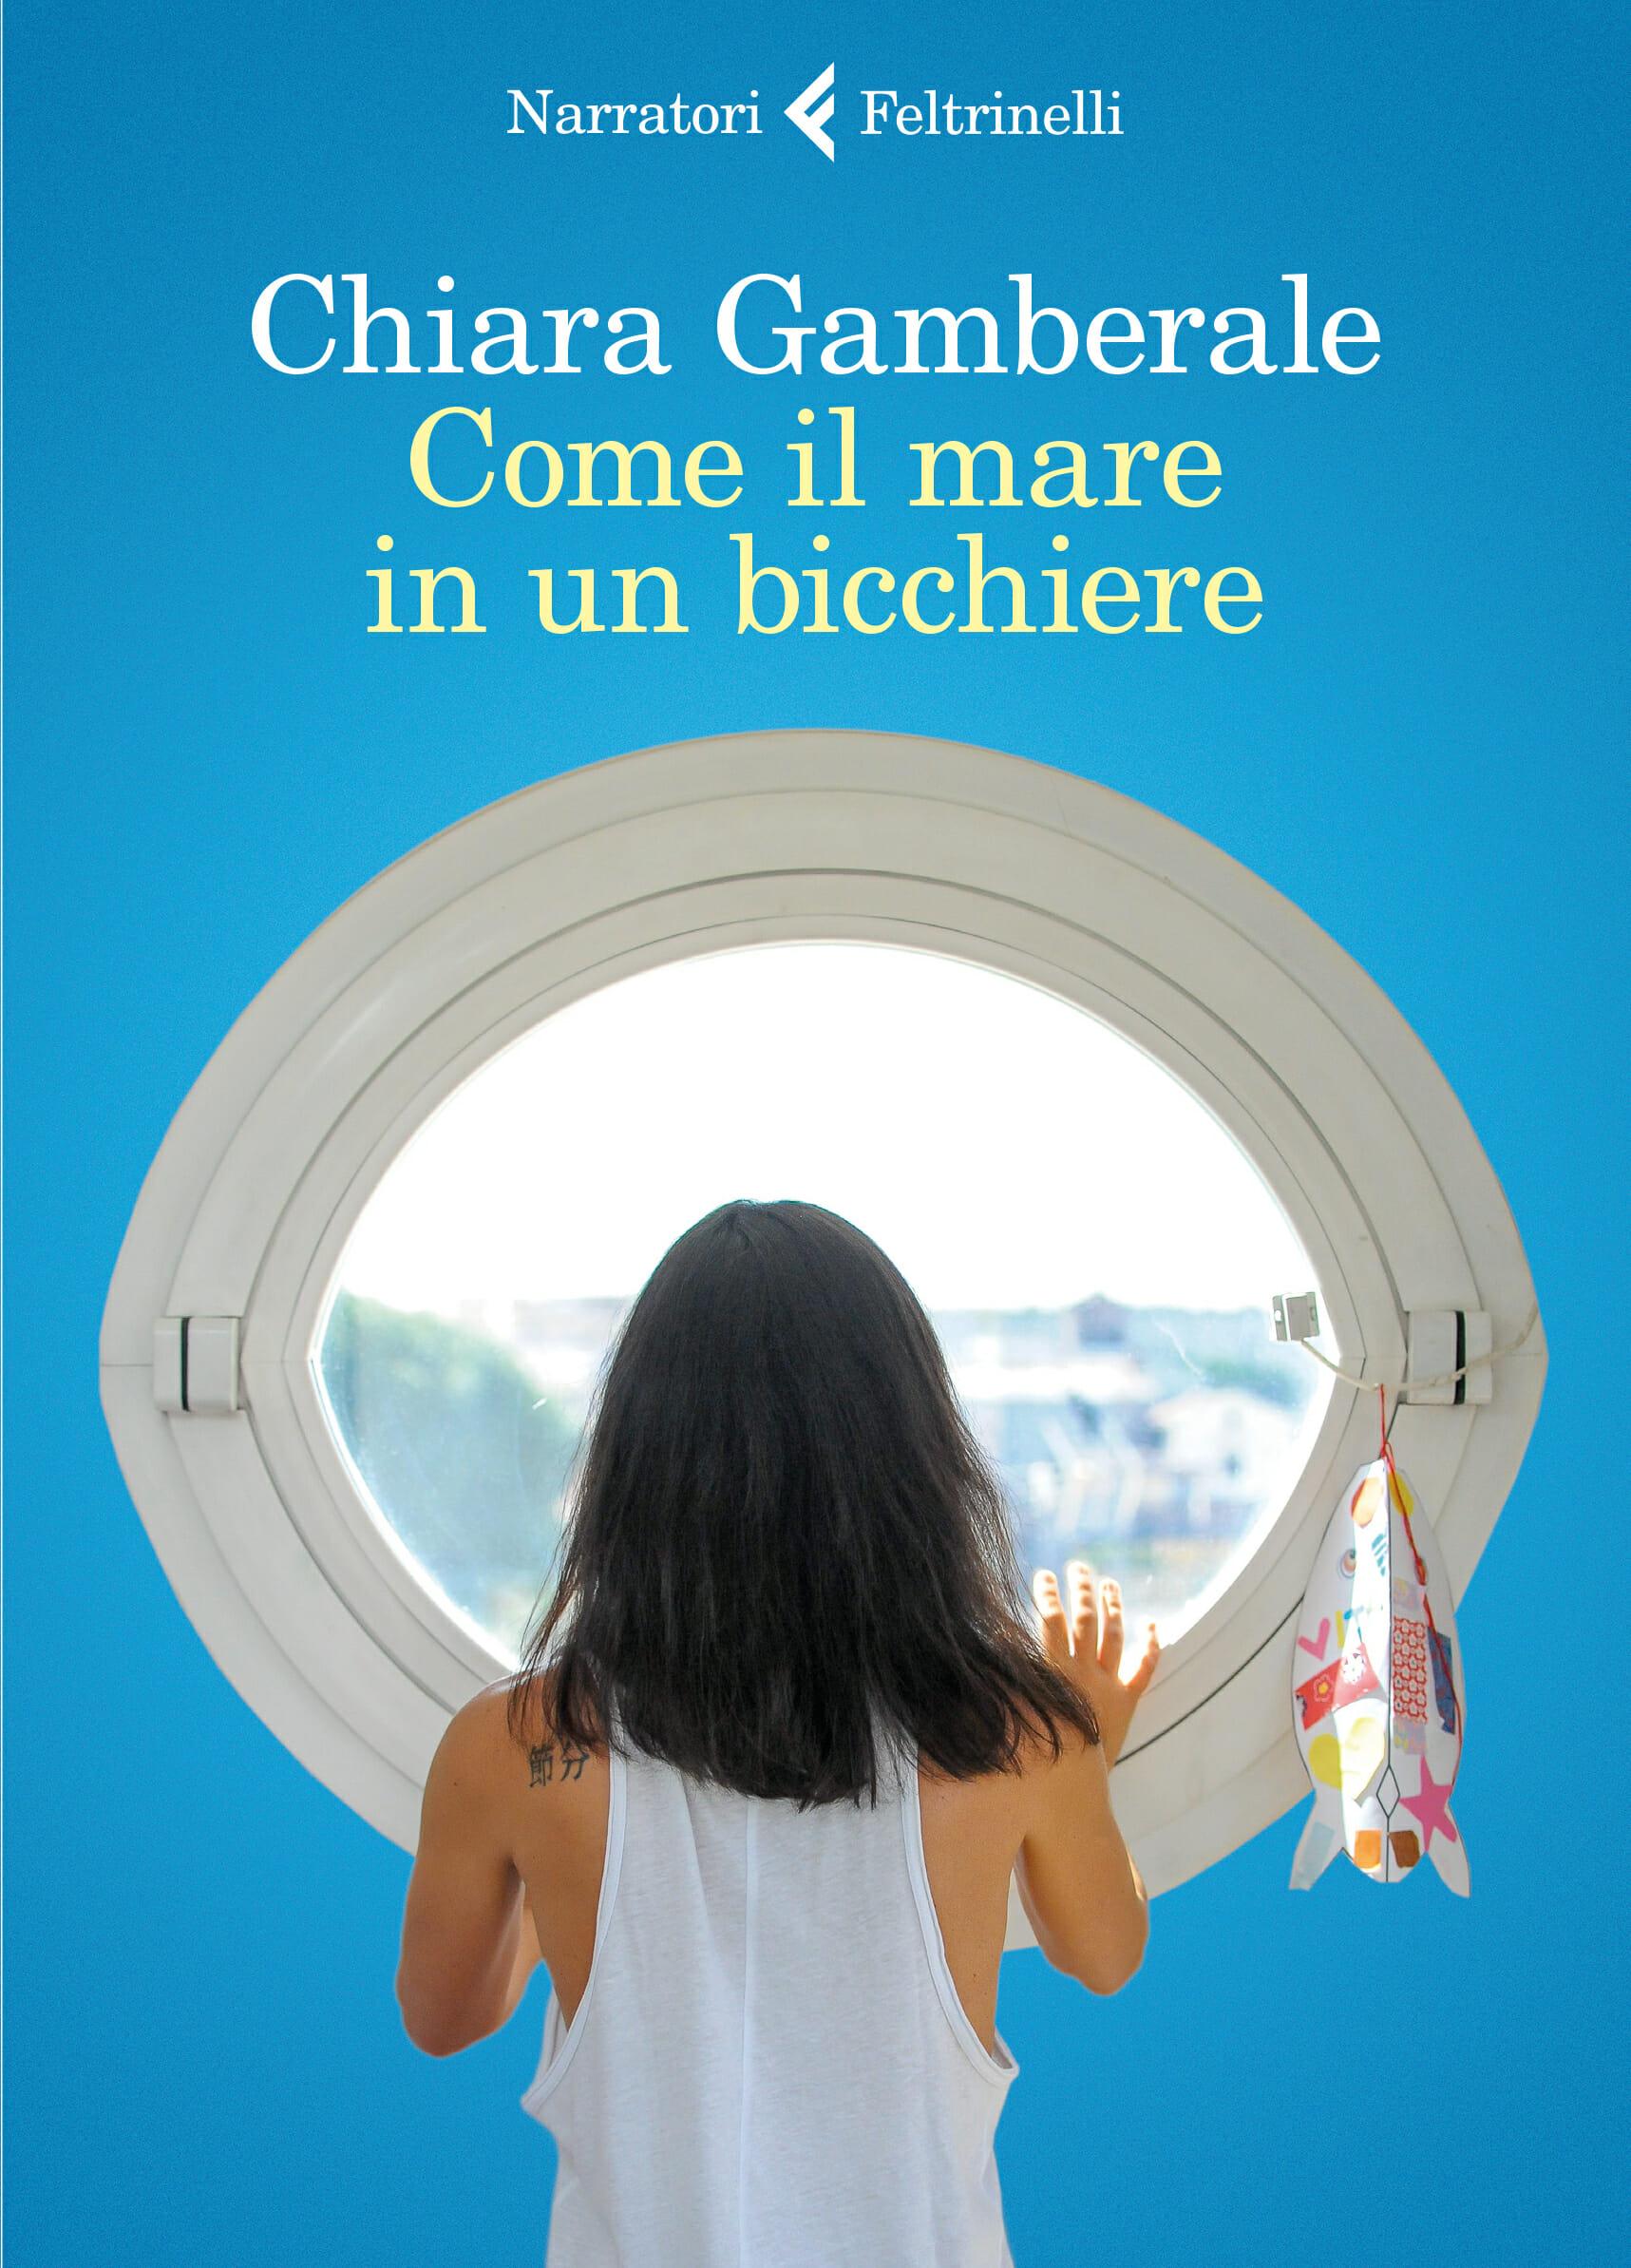 Chiara Gamberale Come il mare in un bicchiere